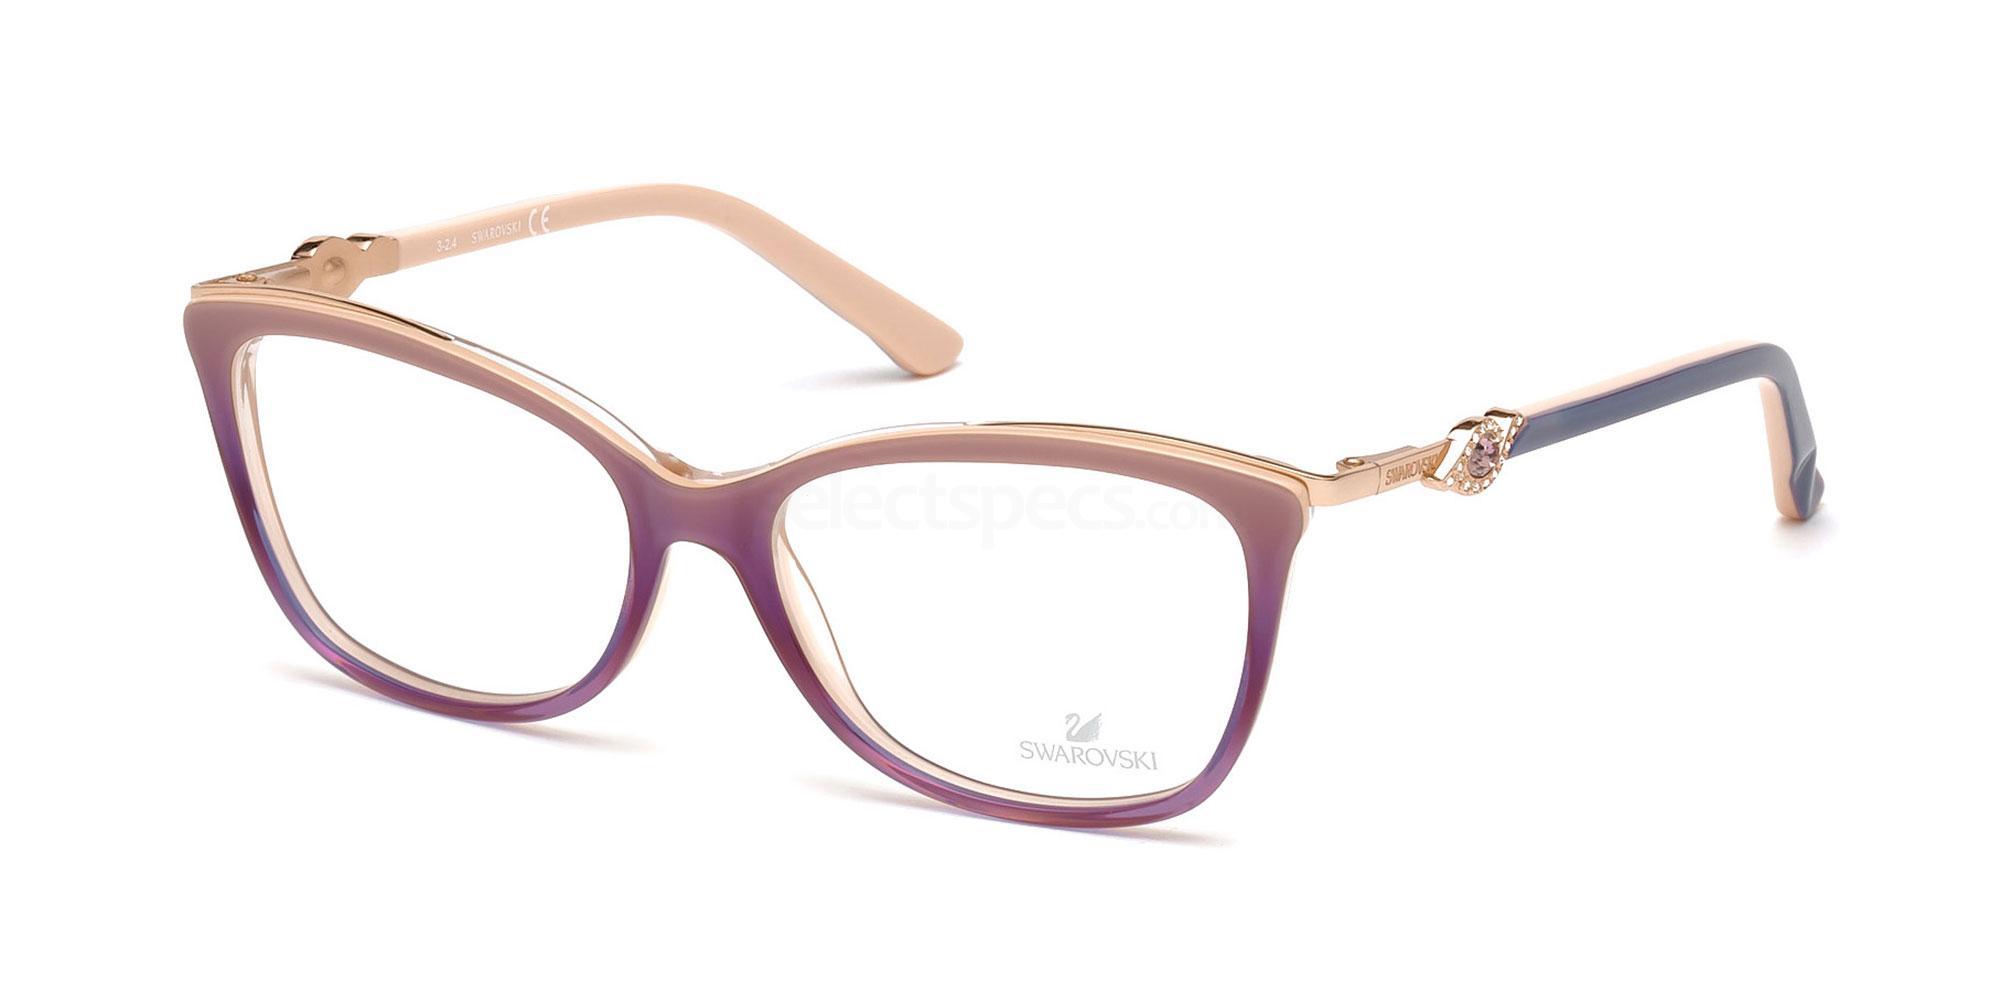 083 SK5151 FAITH Glasses, Swarovski